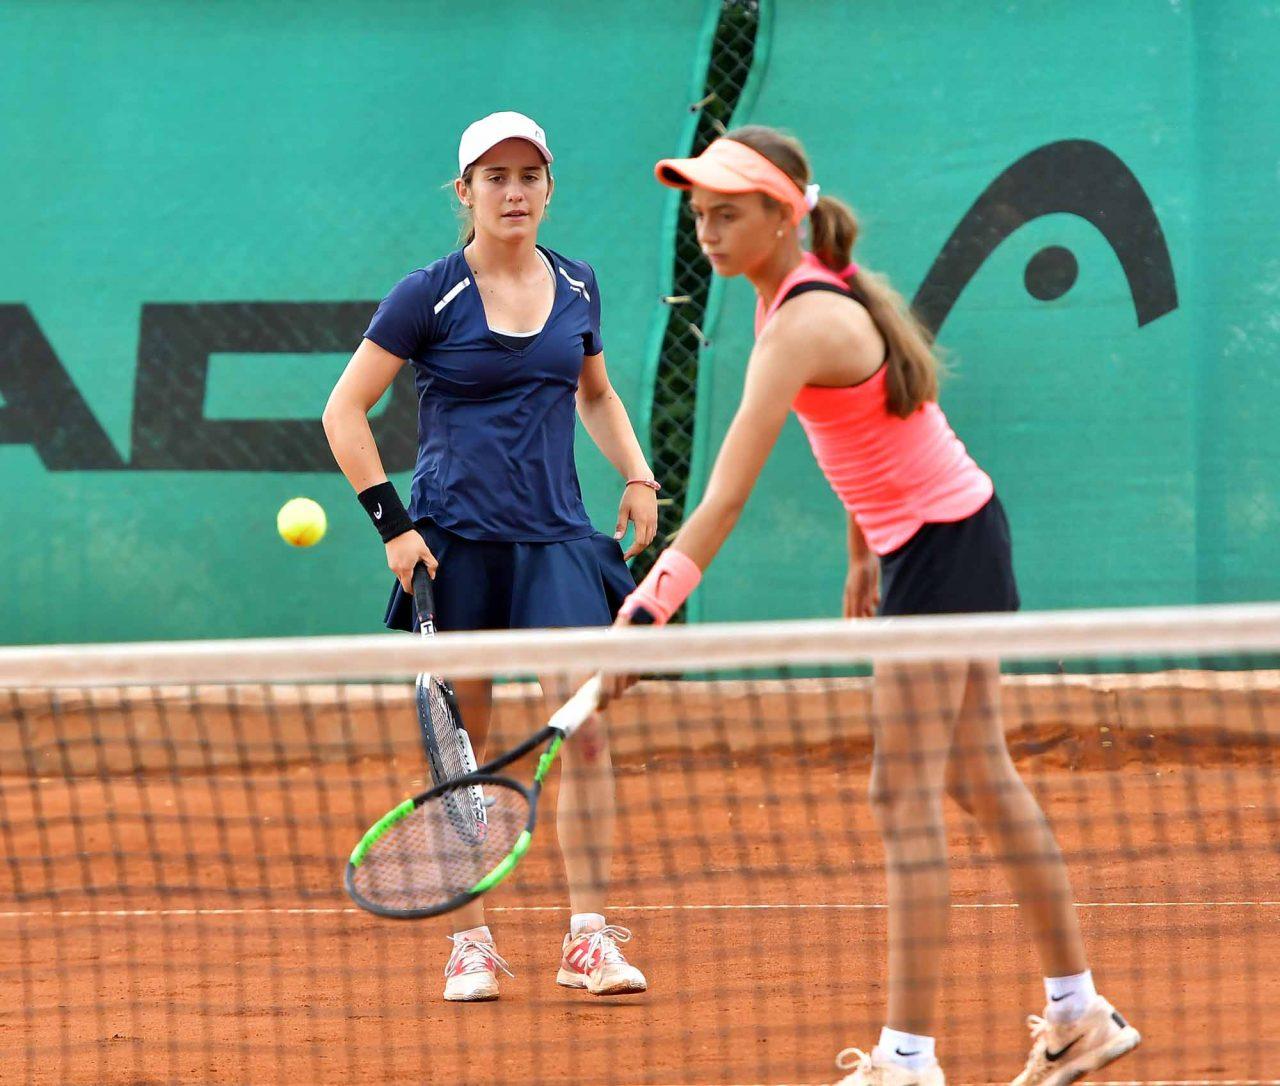 Държавно първенство тенис до 14 год. ТК 15-40 двойки полуфинал (4)